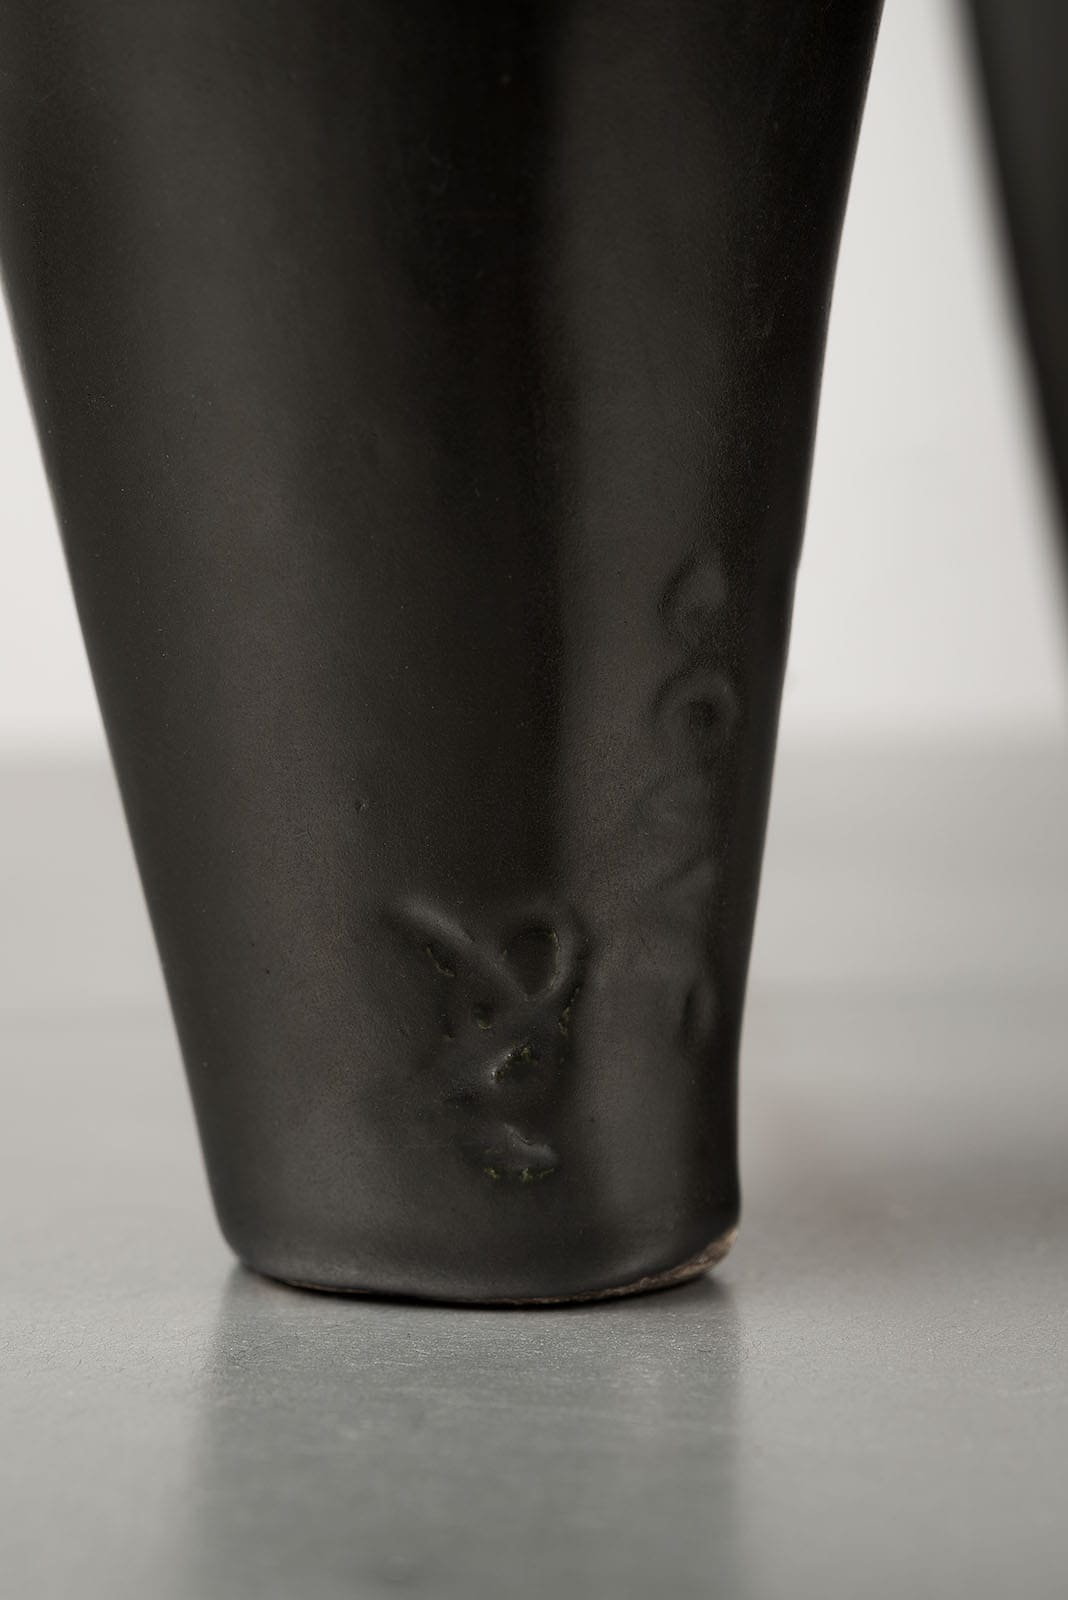 Georges Jouve, Rare lampe sculpturale en céramique (vendue), vue 02